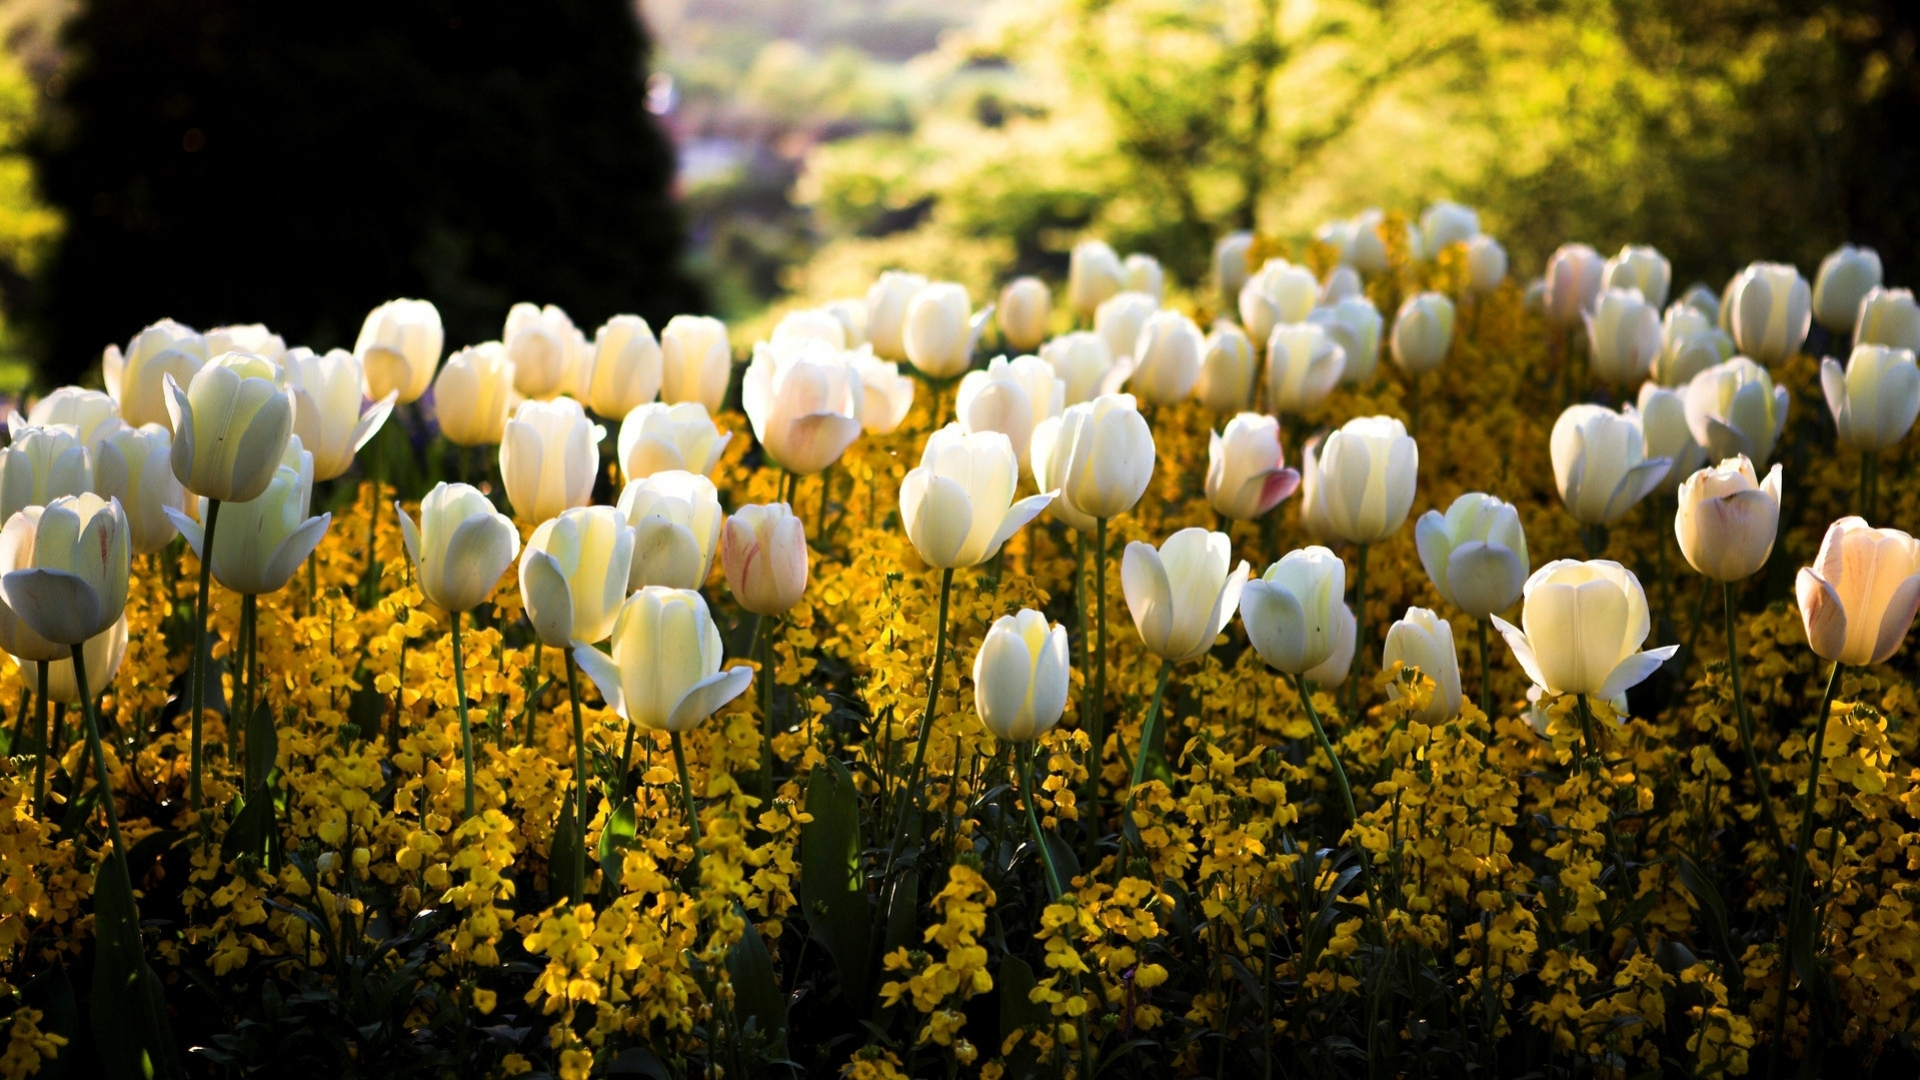 44136 скачать обои Растения, Пейзаж, Цветы - заставки и картинки бесплатно